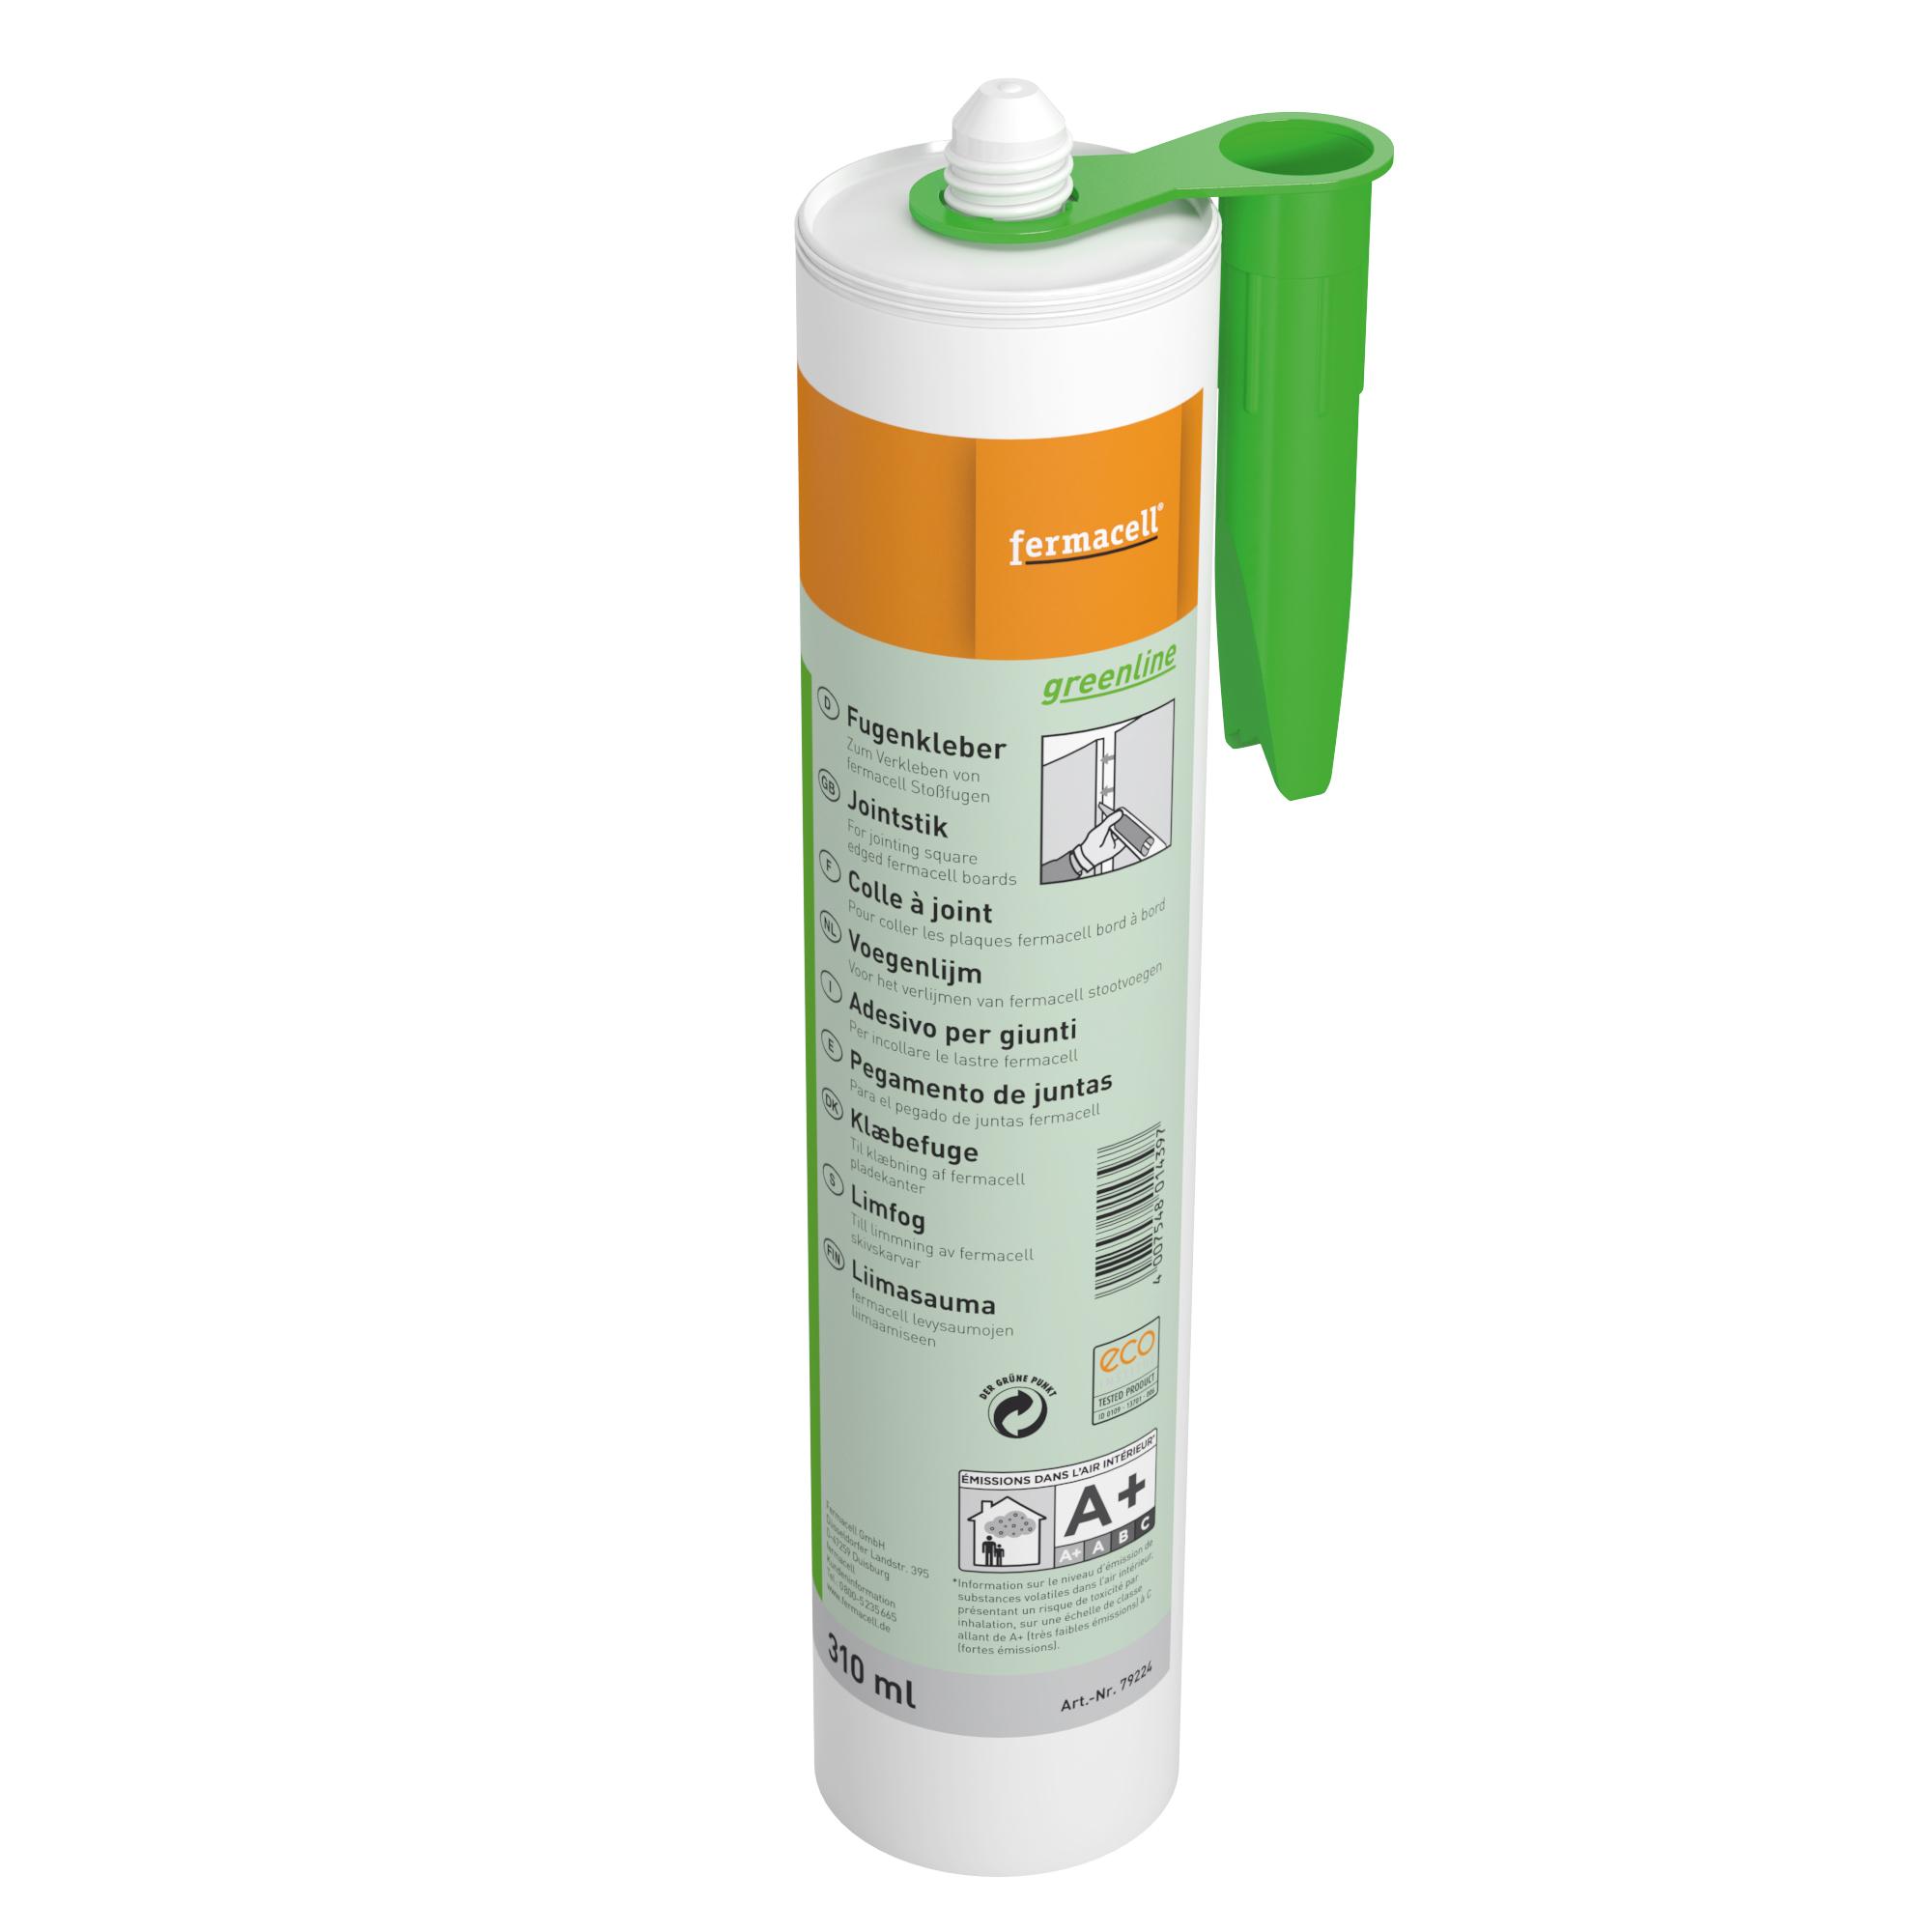 Hunton Fermacell Greenline lim for fibergips uten sparkelkant 310ml